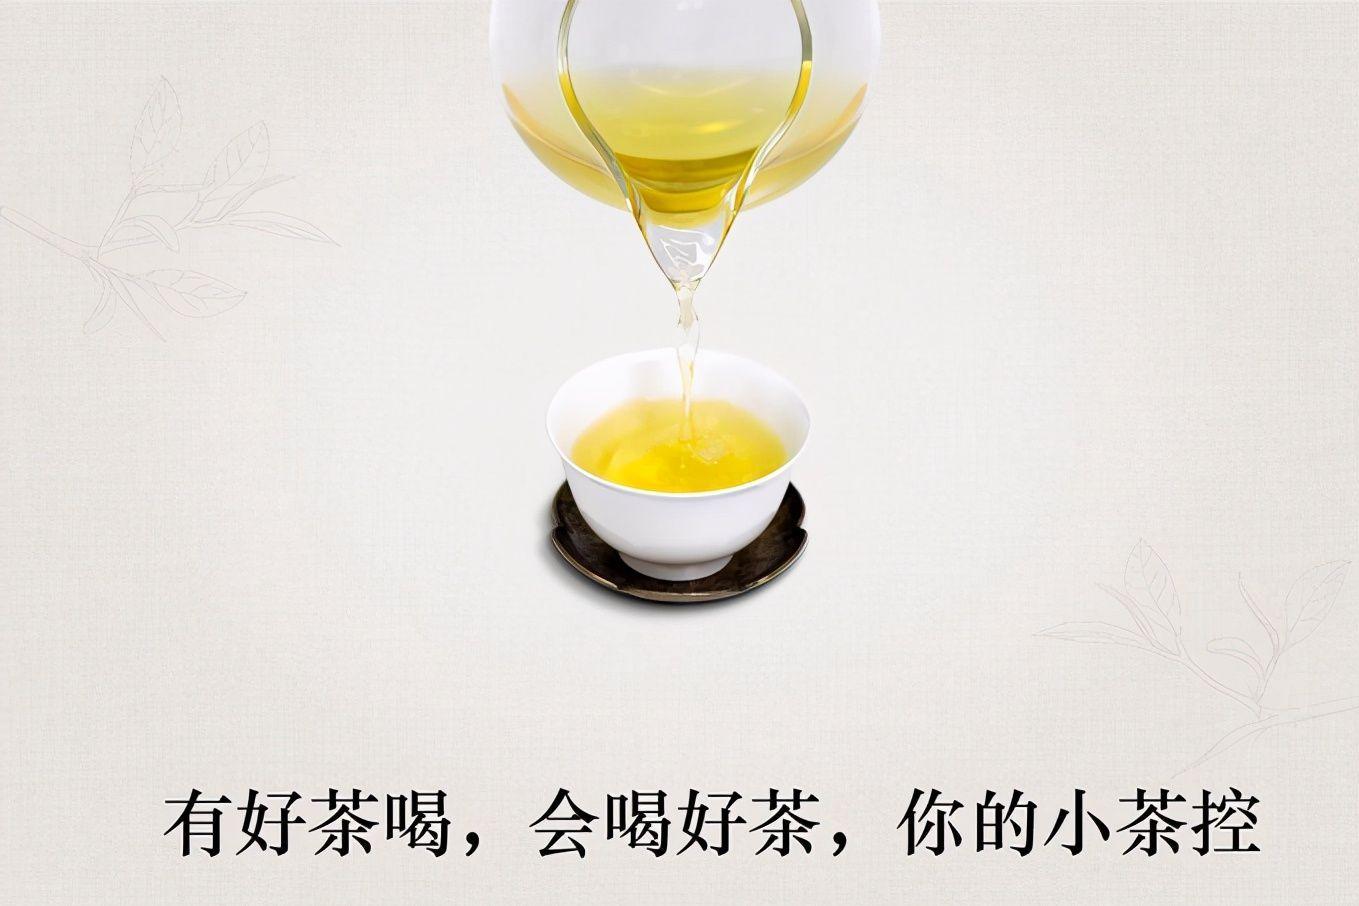 """快来品尝树梢上的甘甜!古树茶品牌""""小茶控""""上线6款产品-1"""